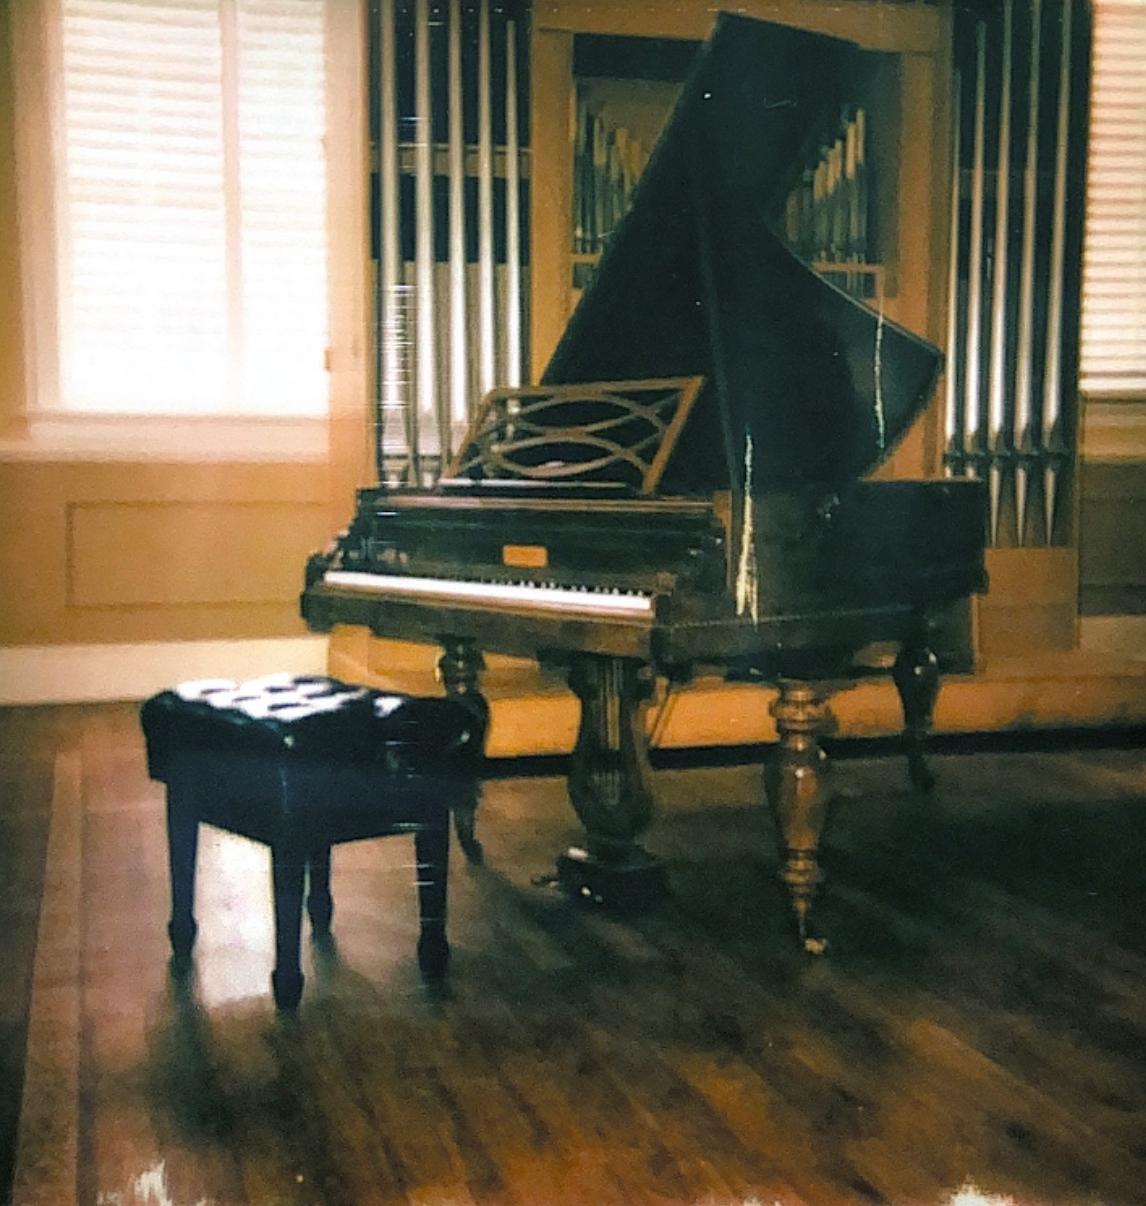 Pleyel piano in Person Recital Hall